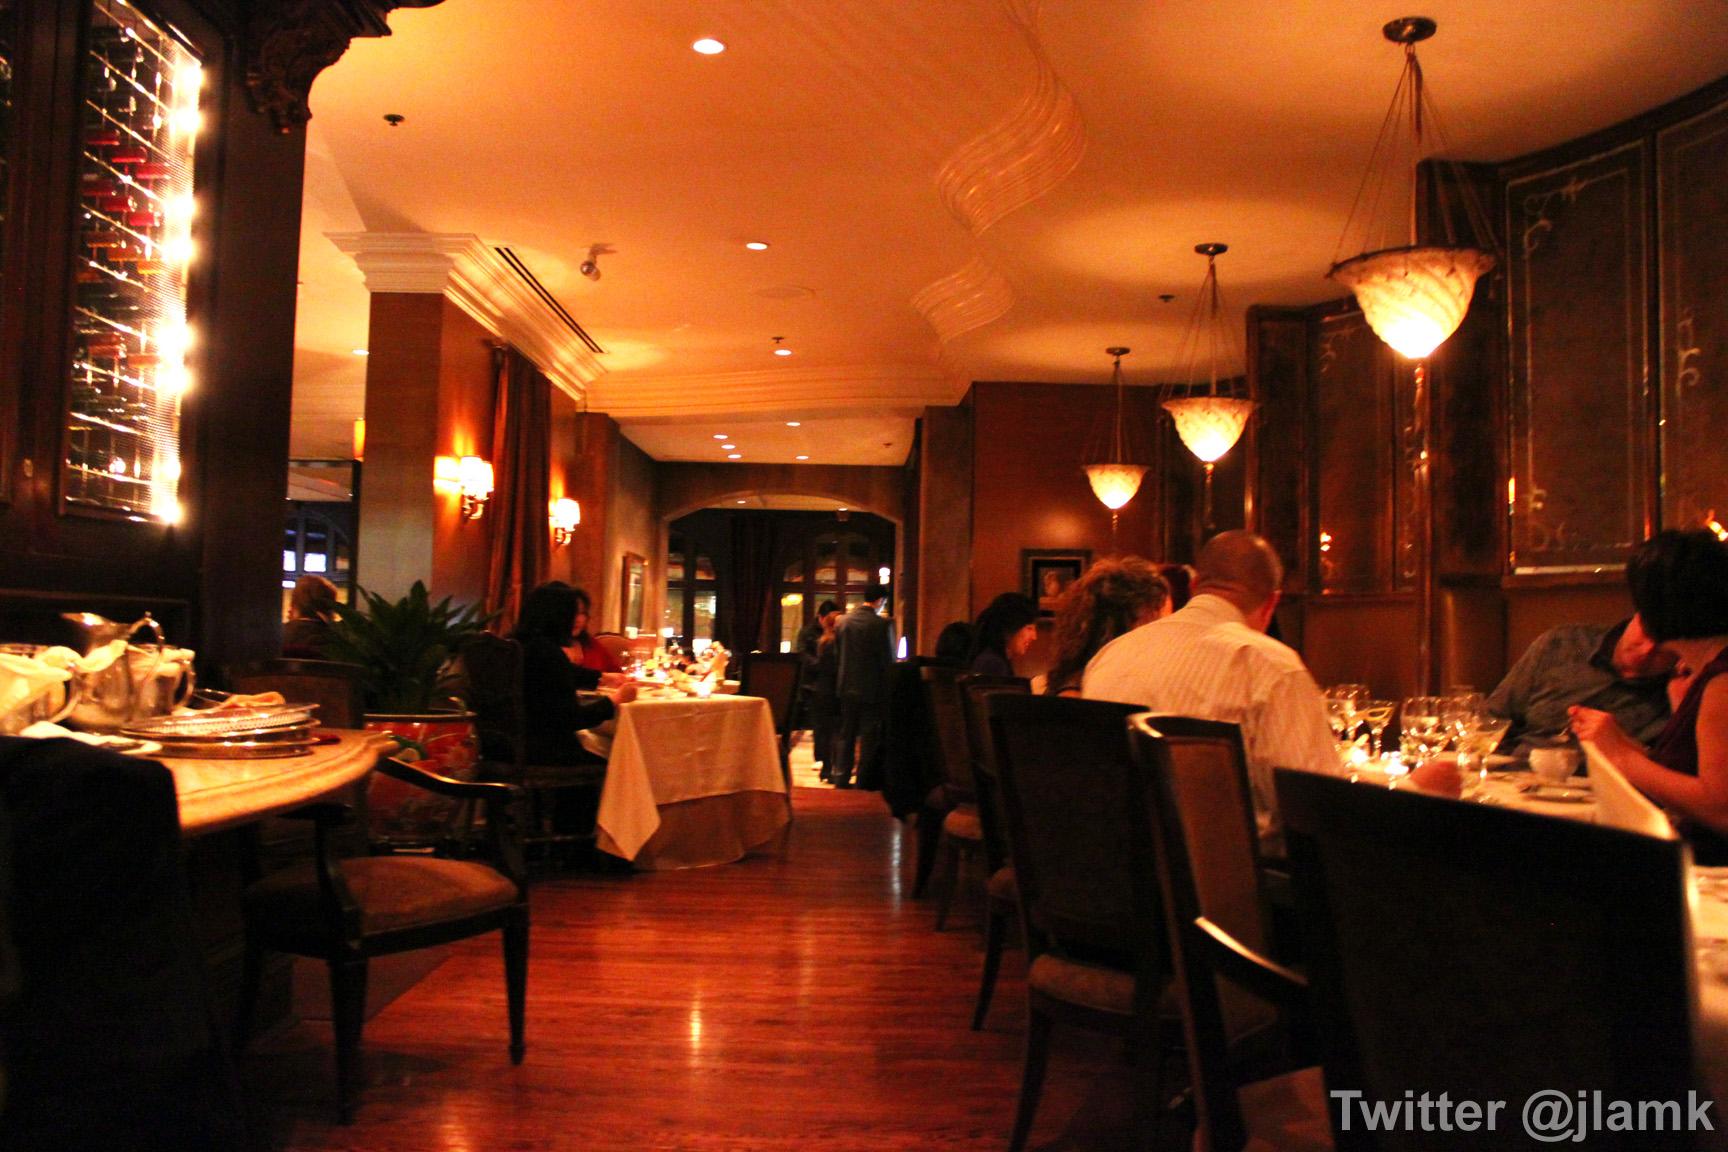 Inside Fancy Restaurants The Hippest Pics